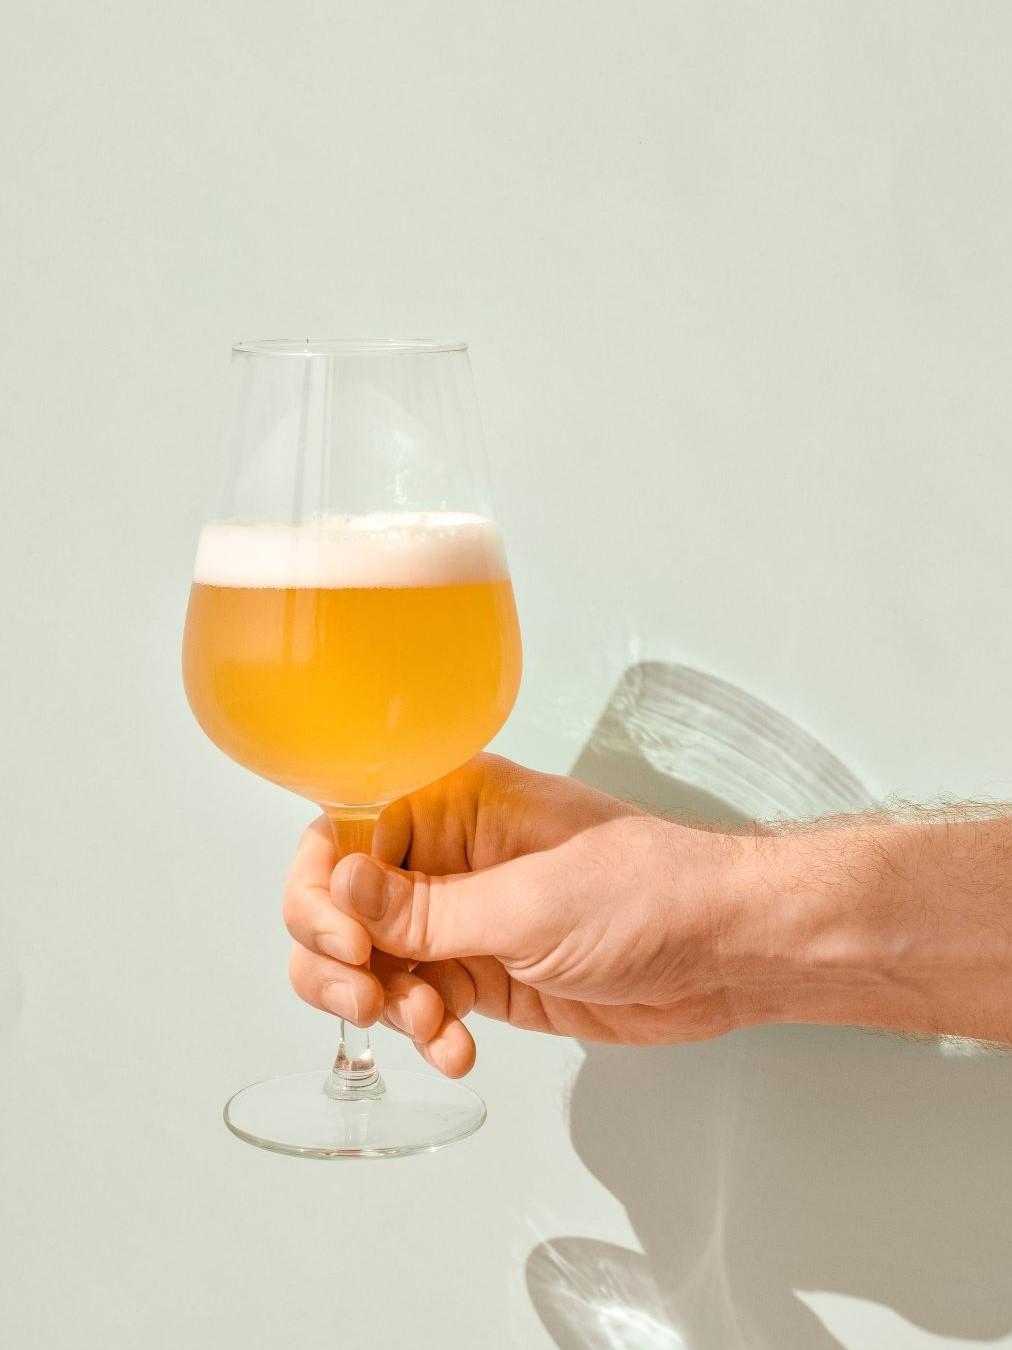 白い壁にグラスに入ったビールが注がれている